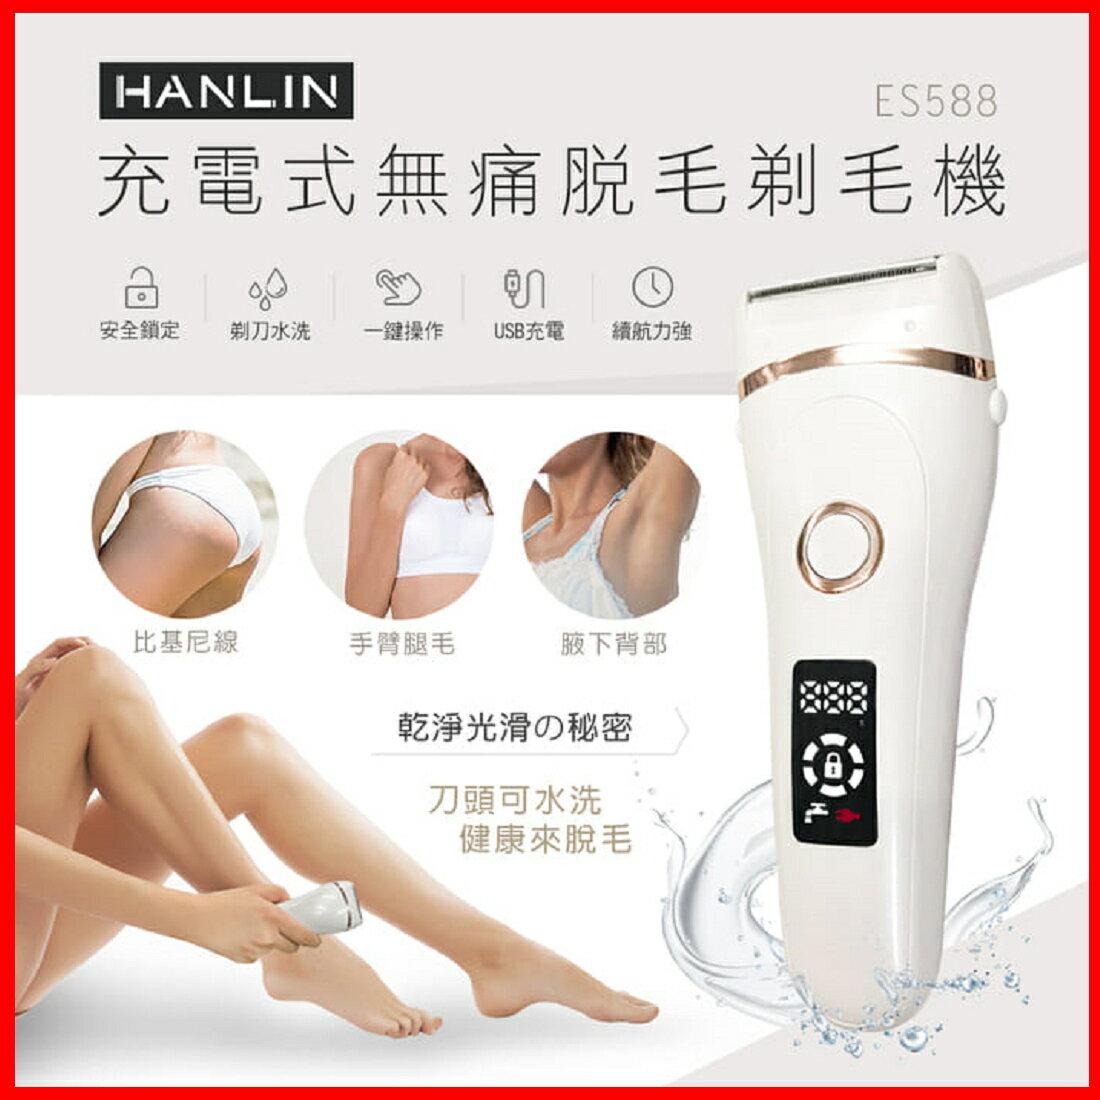 HANLIN-ES588 防水充電無痛美體除毛刀 USB充電 無痛除毛 比基尼線 手毛腿毛 腋下 私密部位